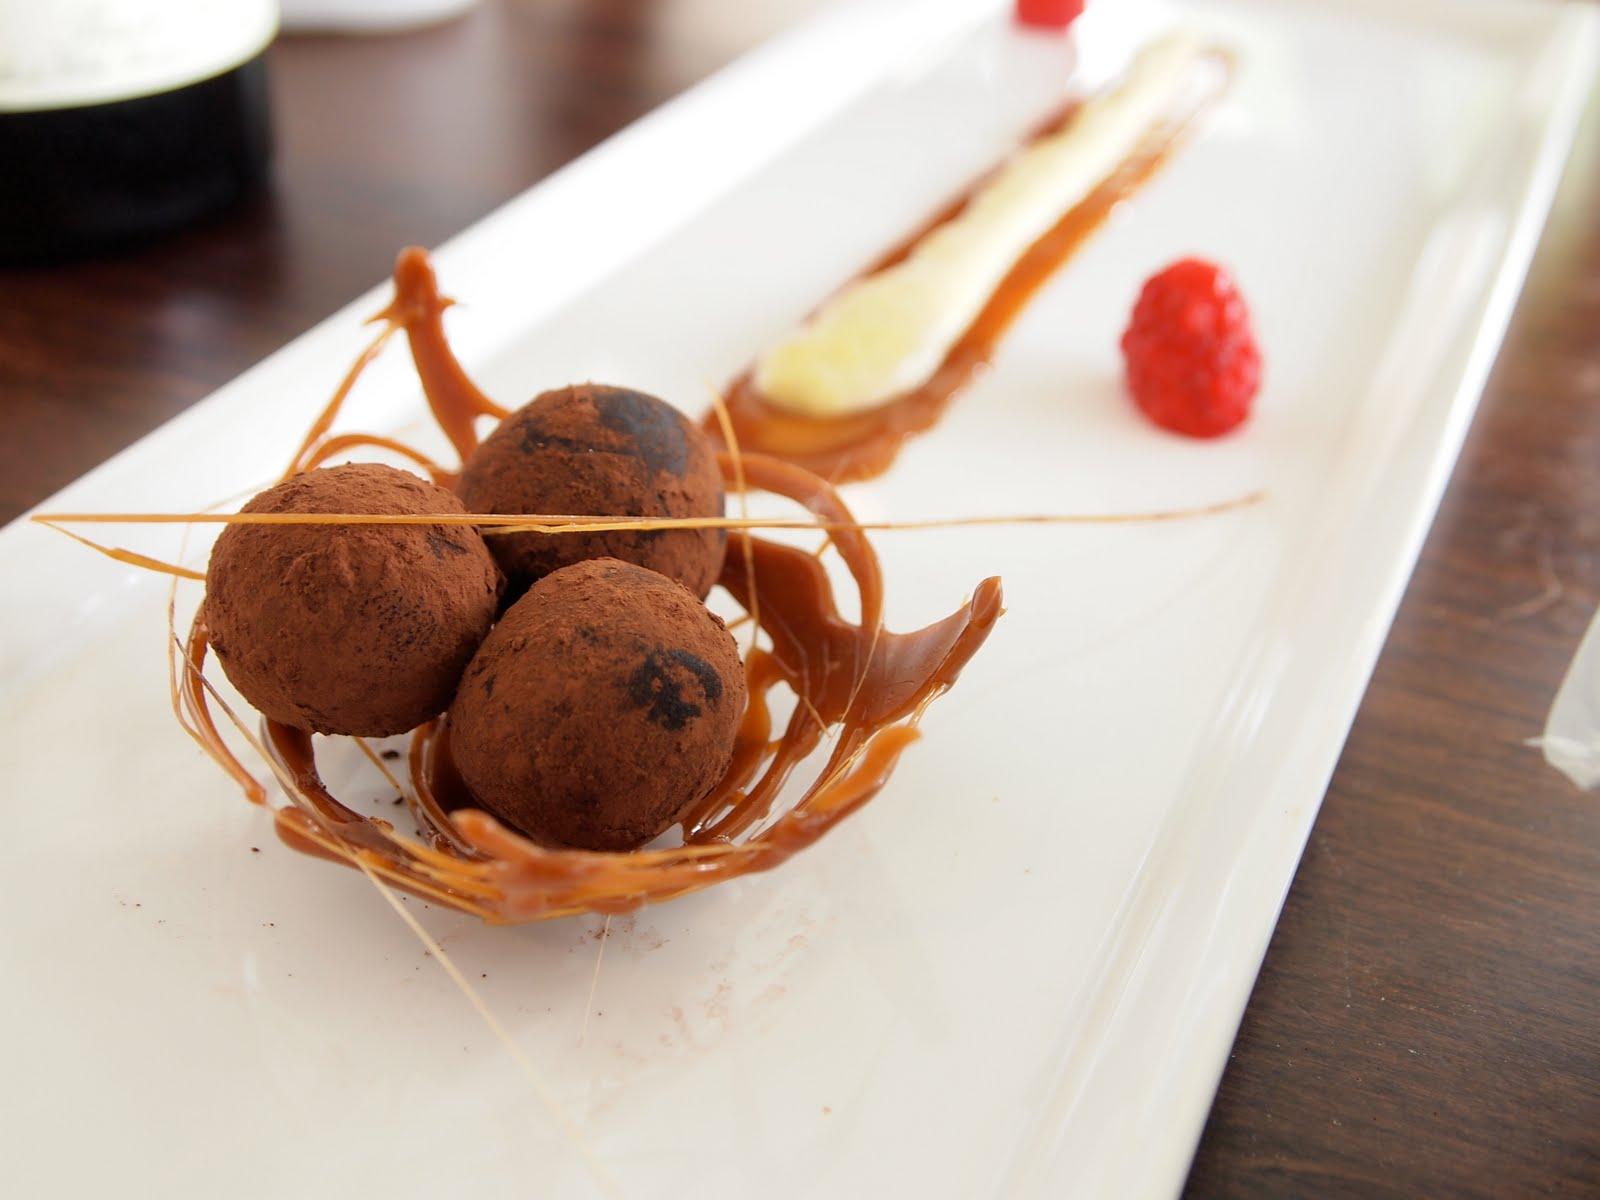 Bumble's Bodacious Buffet: Chocolate Truffle Truffles